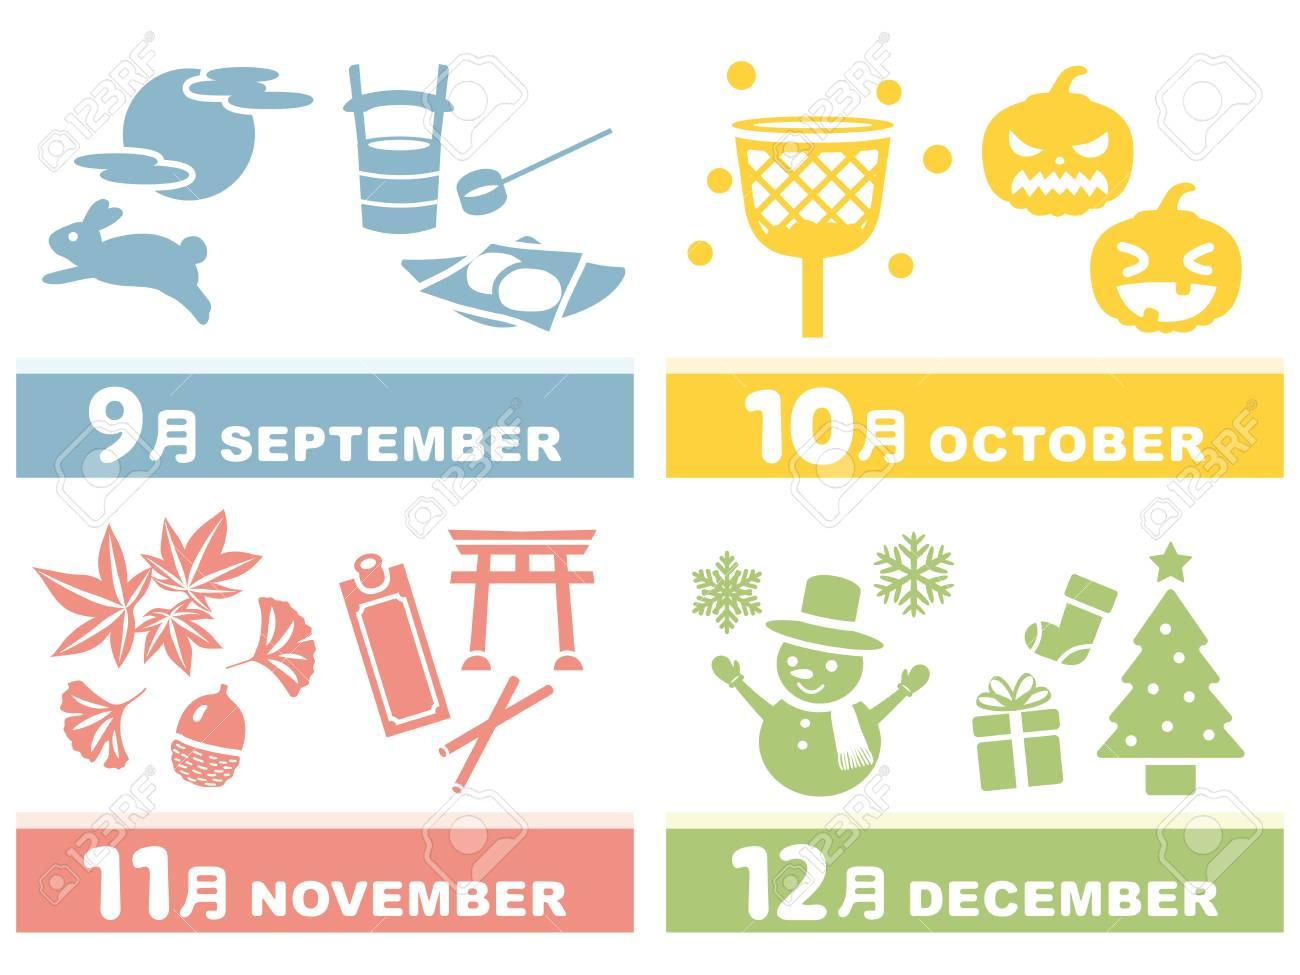 日本で 9 月10 月11 月12 月の伝統行事のイラスト素材ベクタ